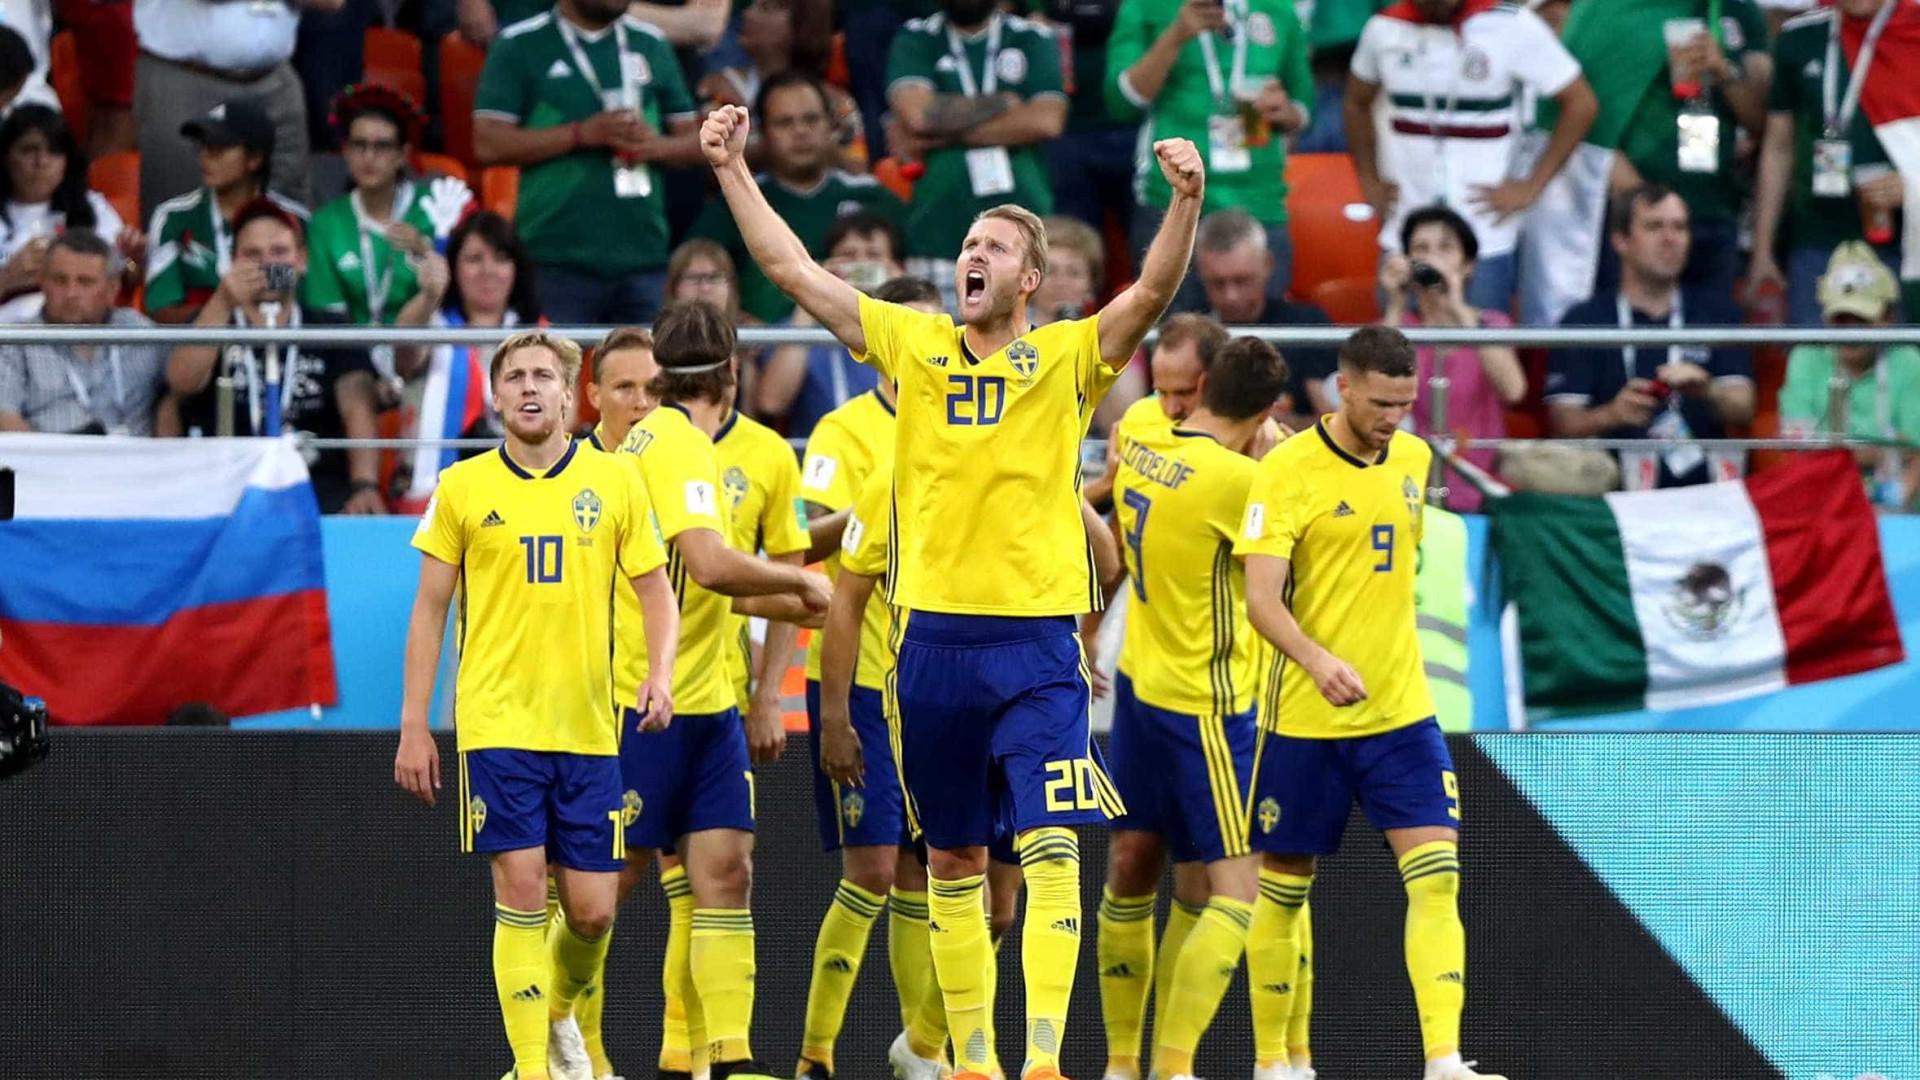 Suécia coloca o México na roda, faz 3 a 0 e vai às oitavas da Copa